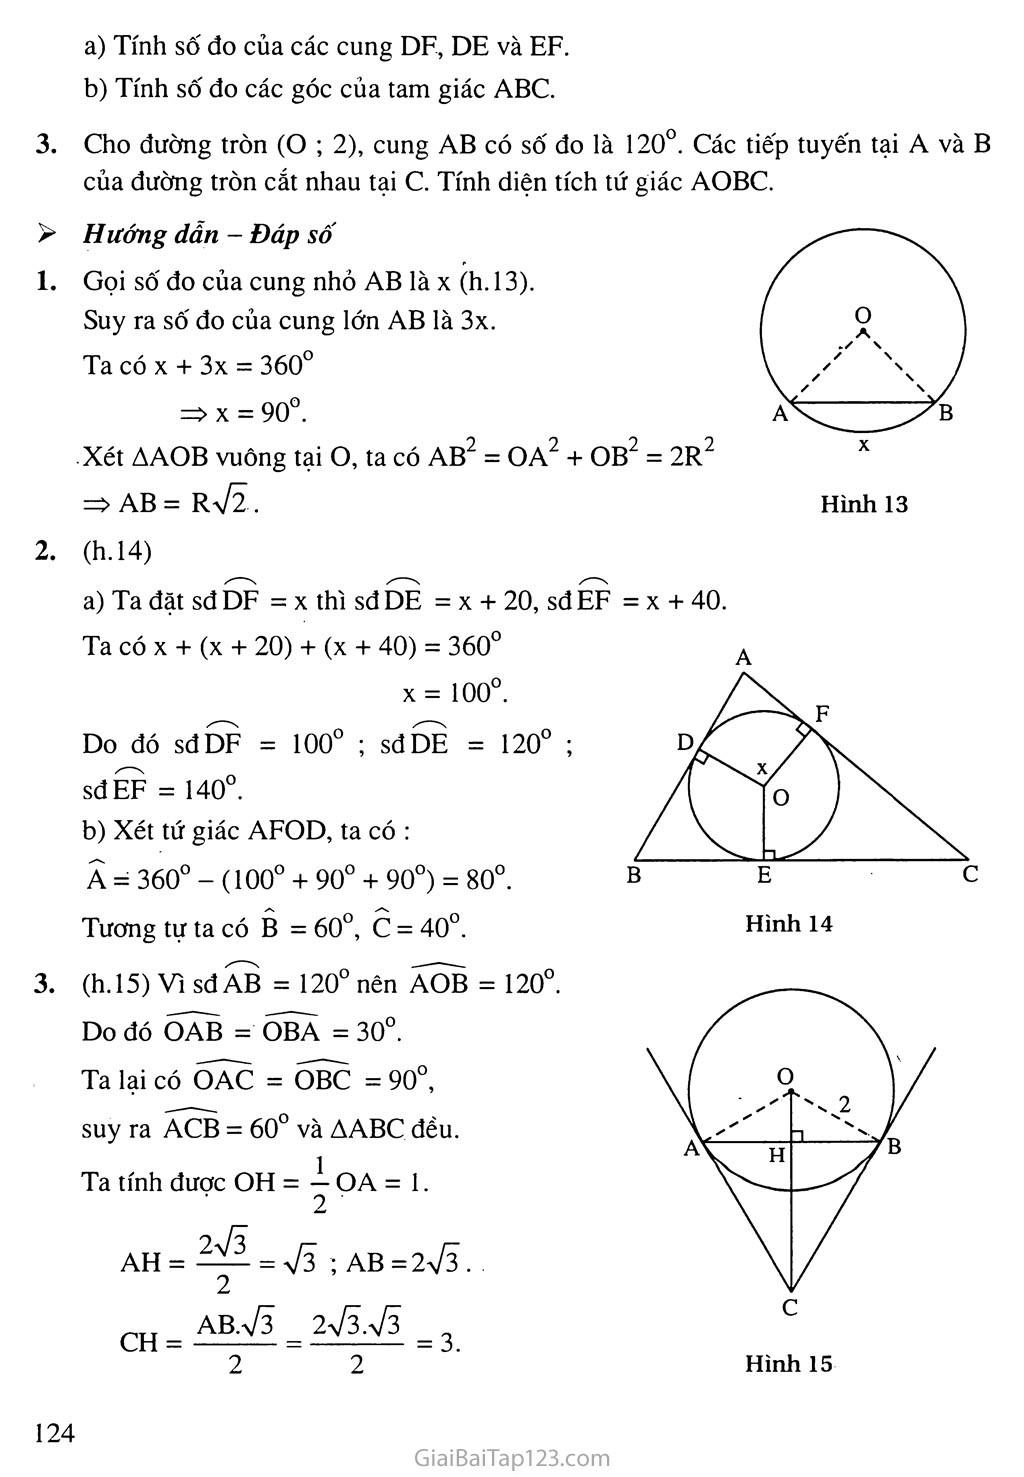 Bài 1. Góc ở tâm. Số đo cung trang 5